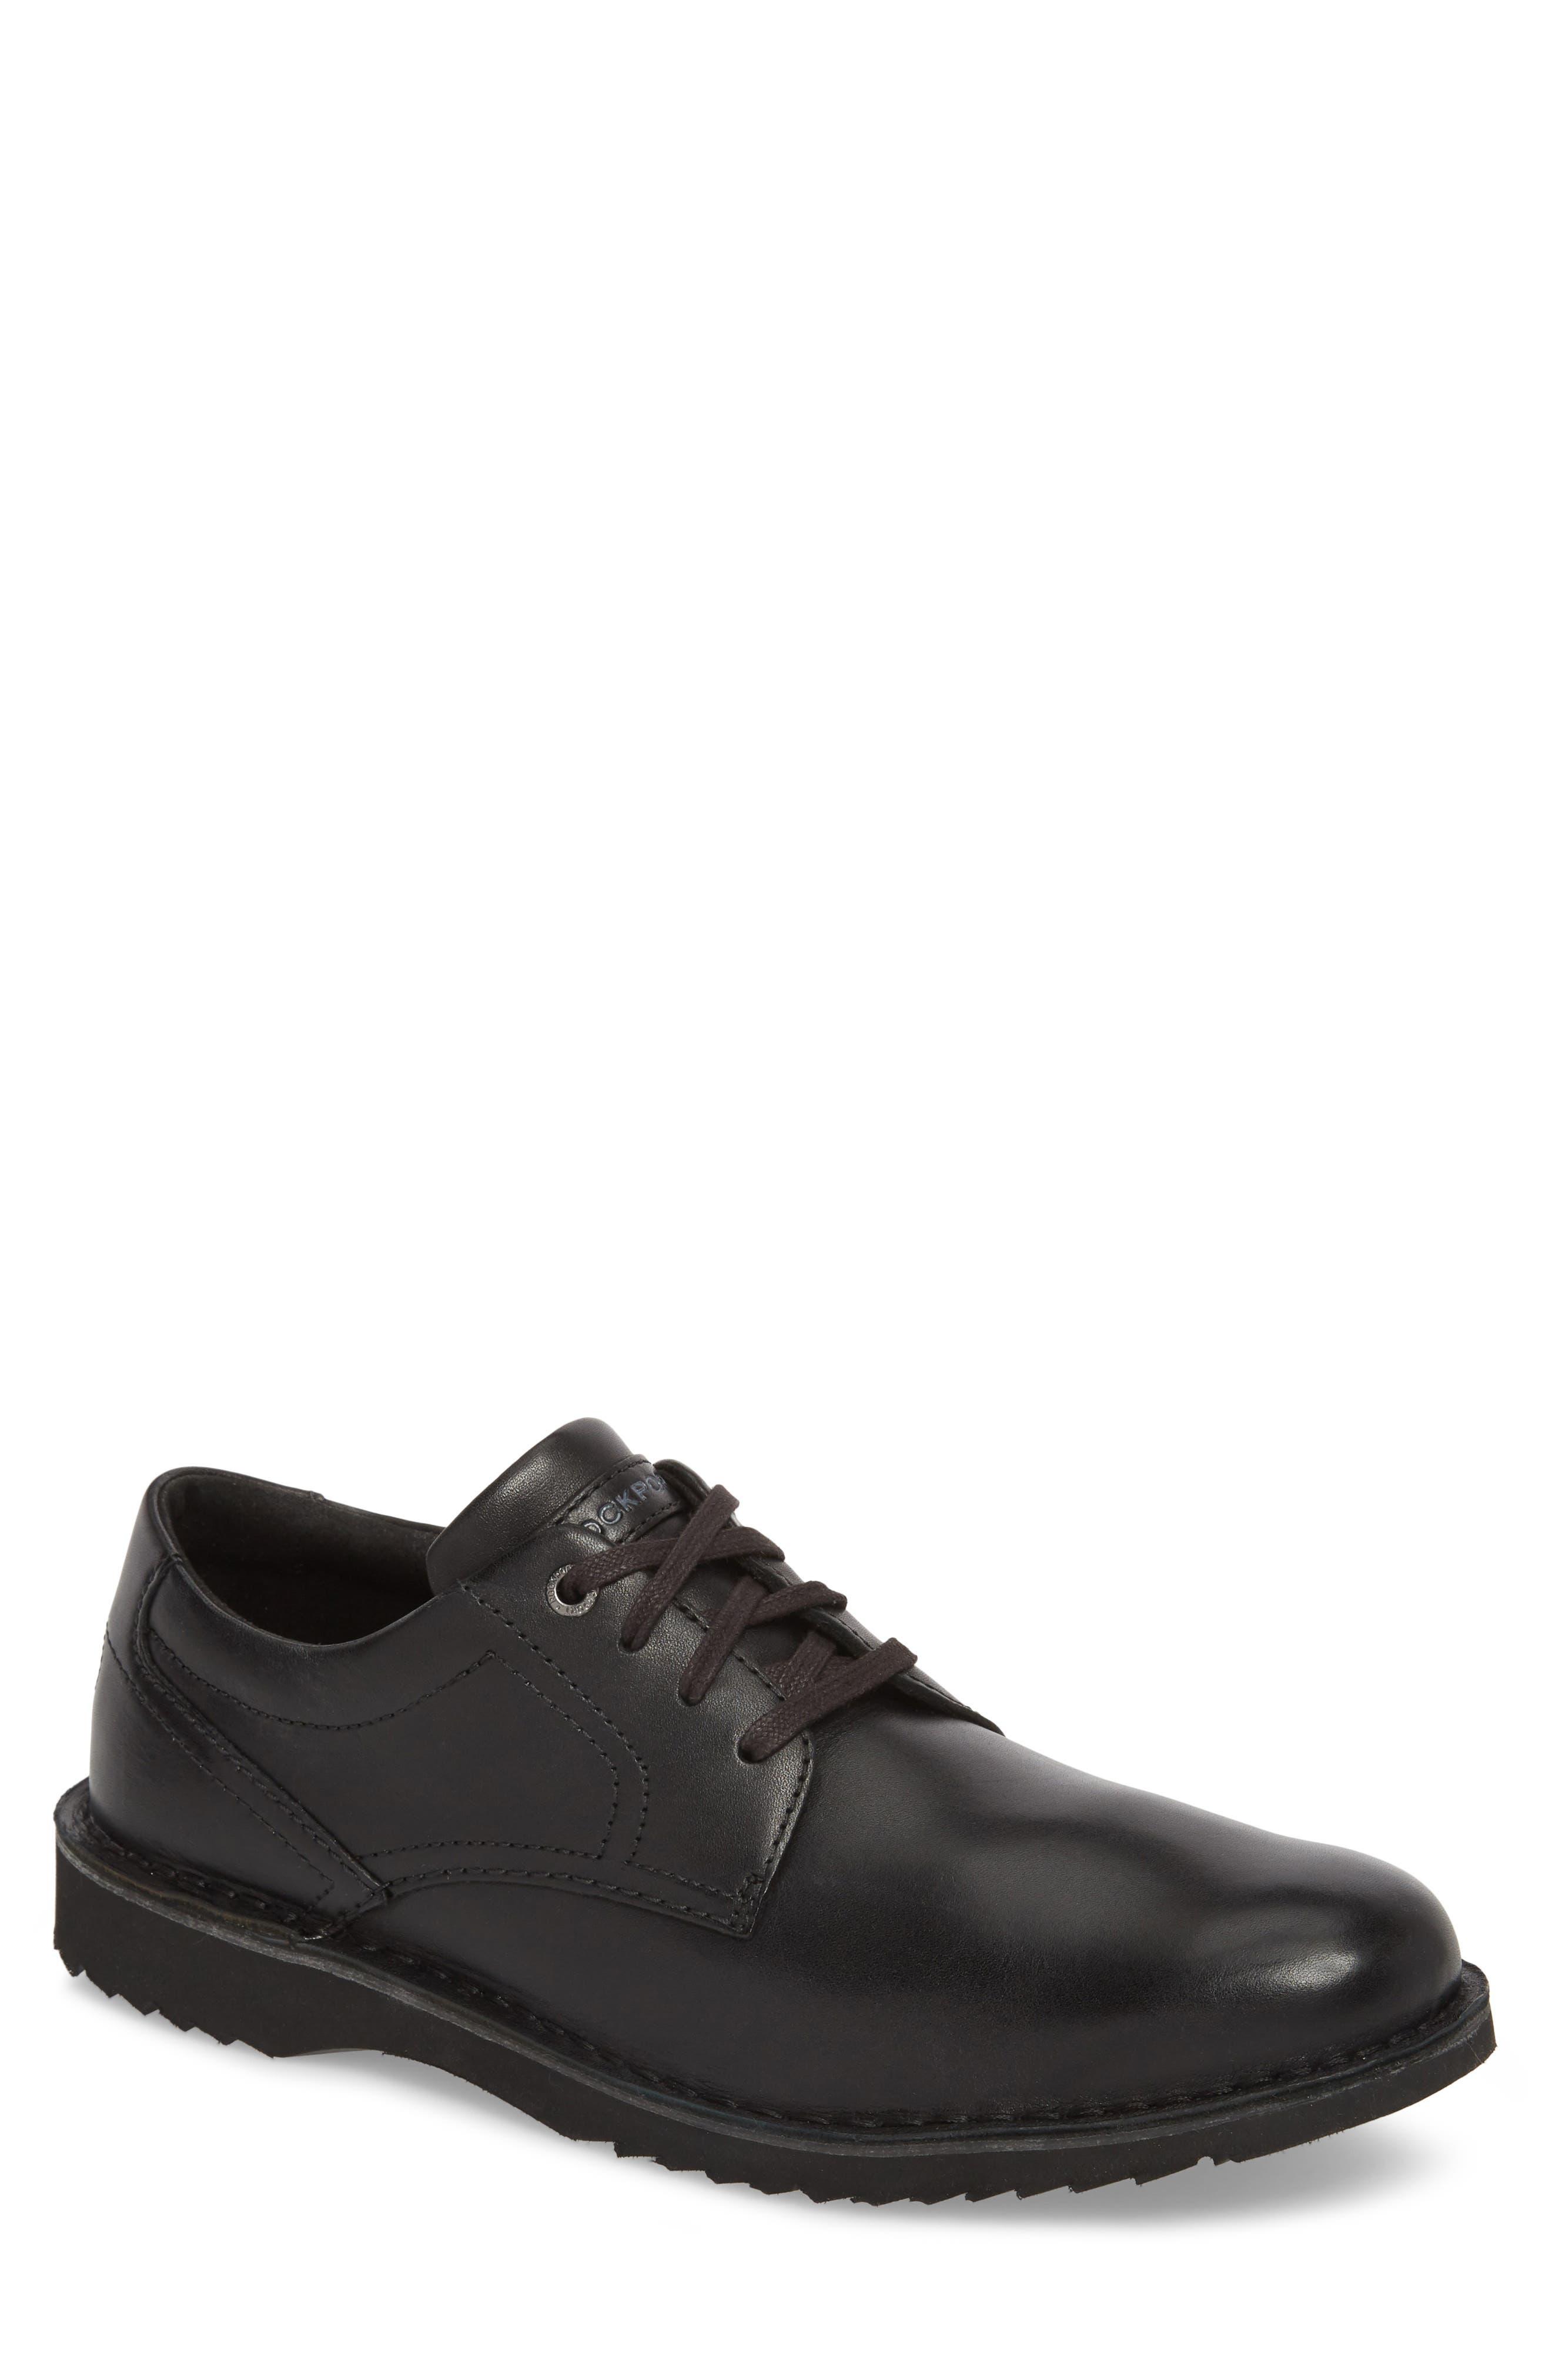 Cabot Plain Toe Derby,                             Main thumbnail 1, color,                             Black Leather